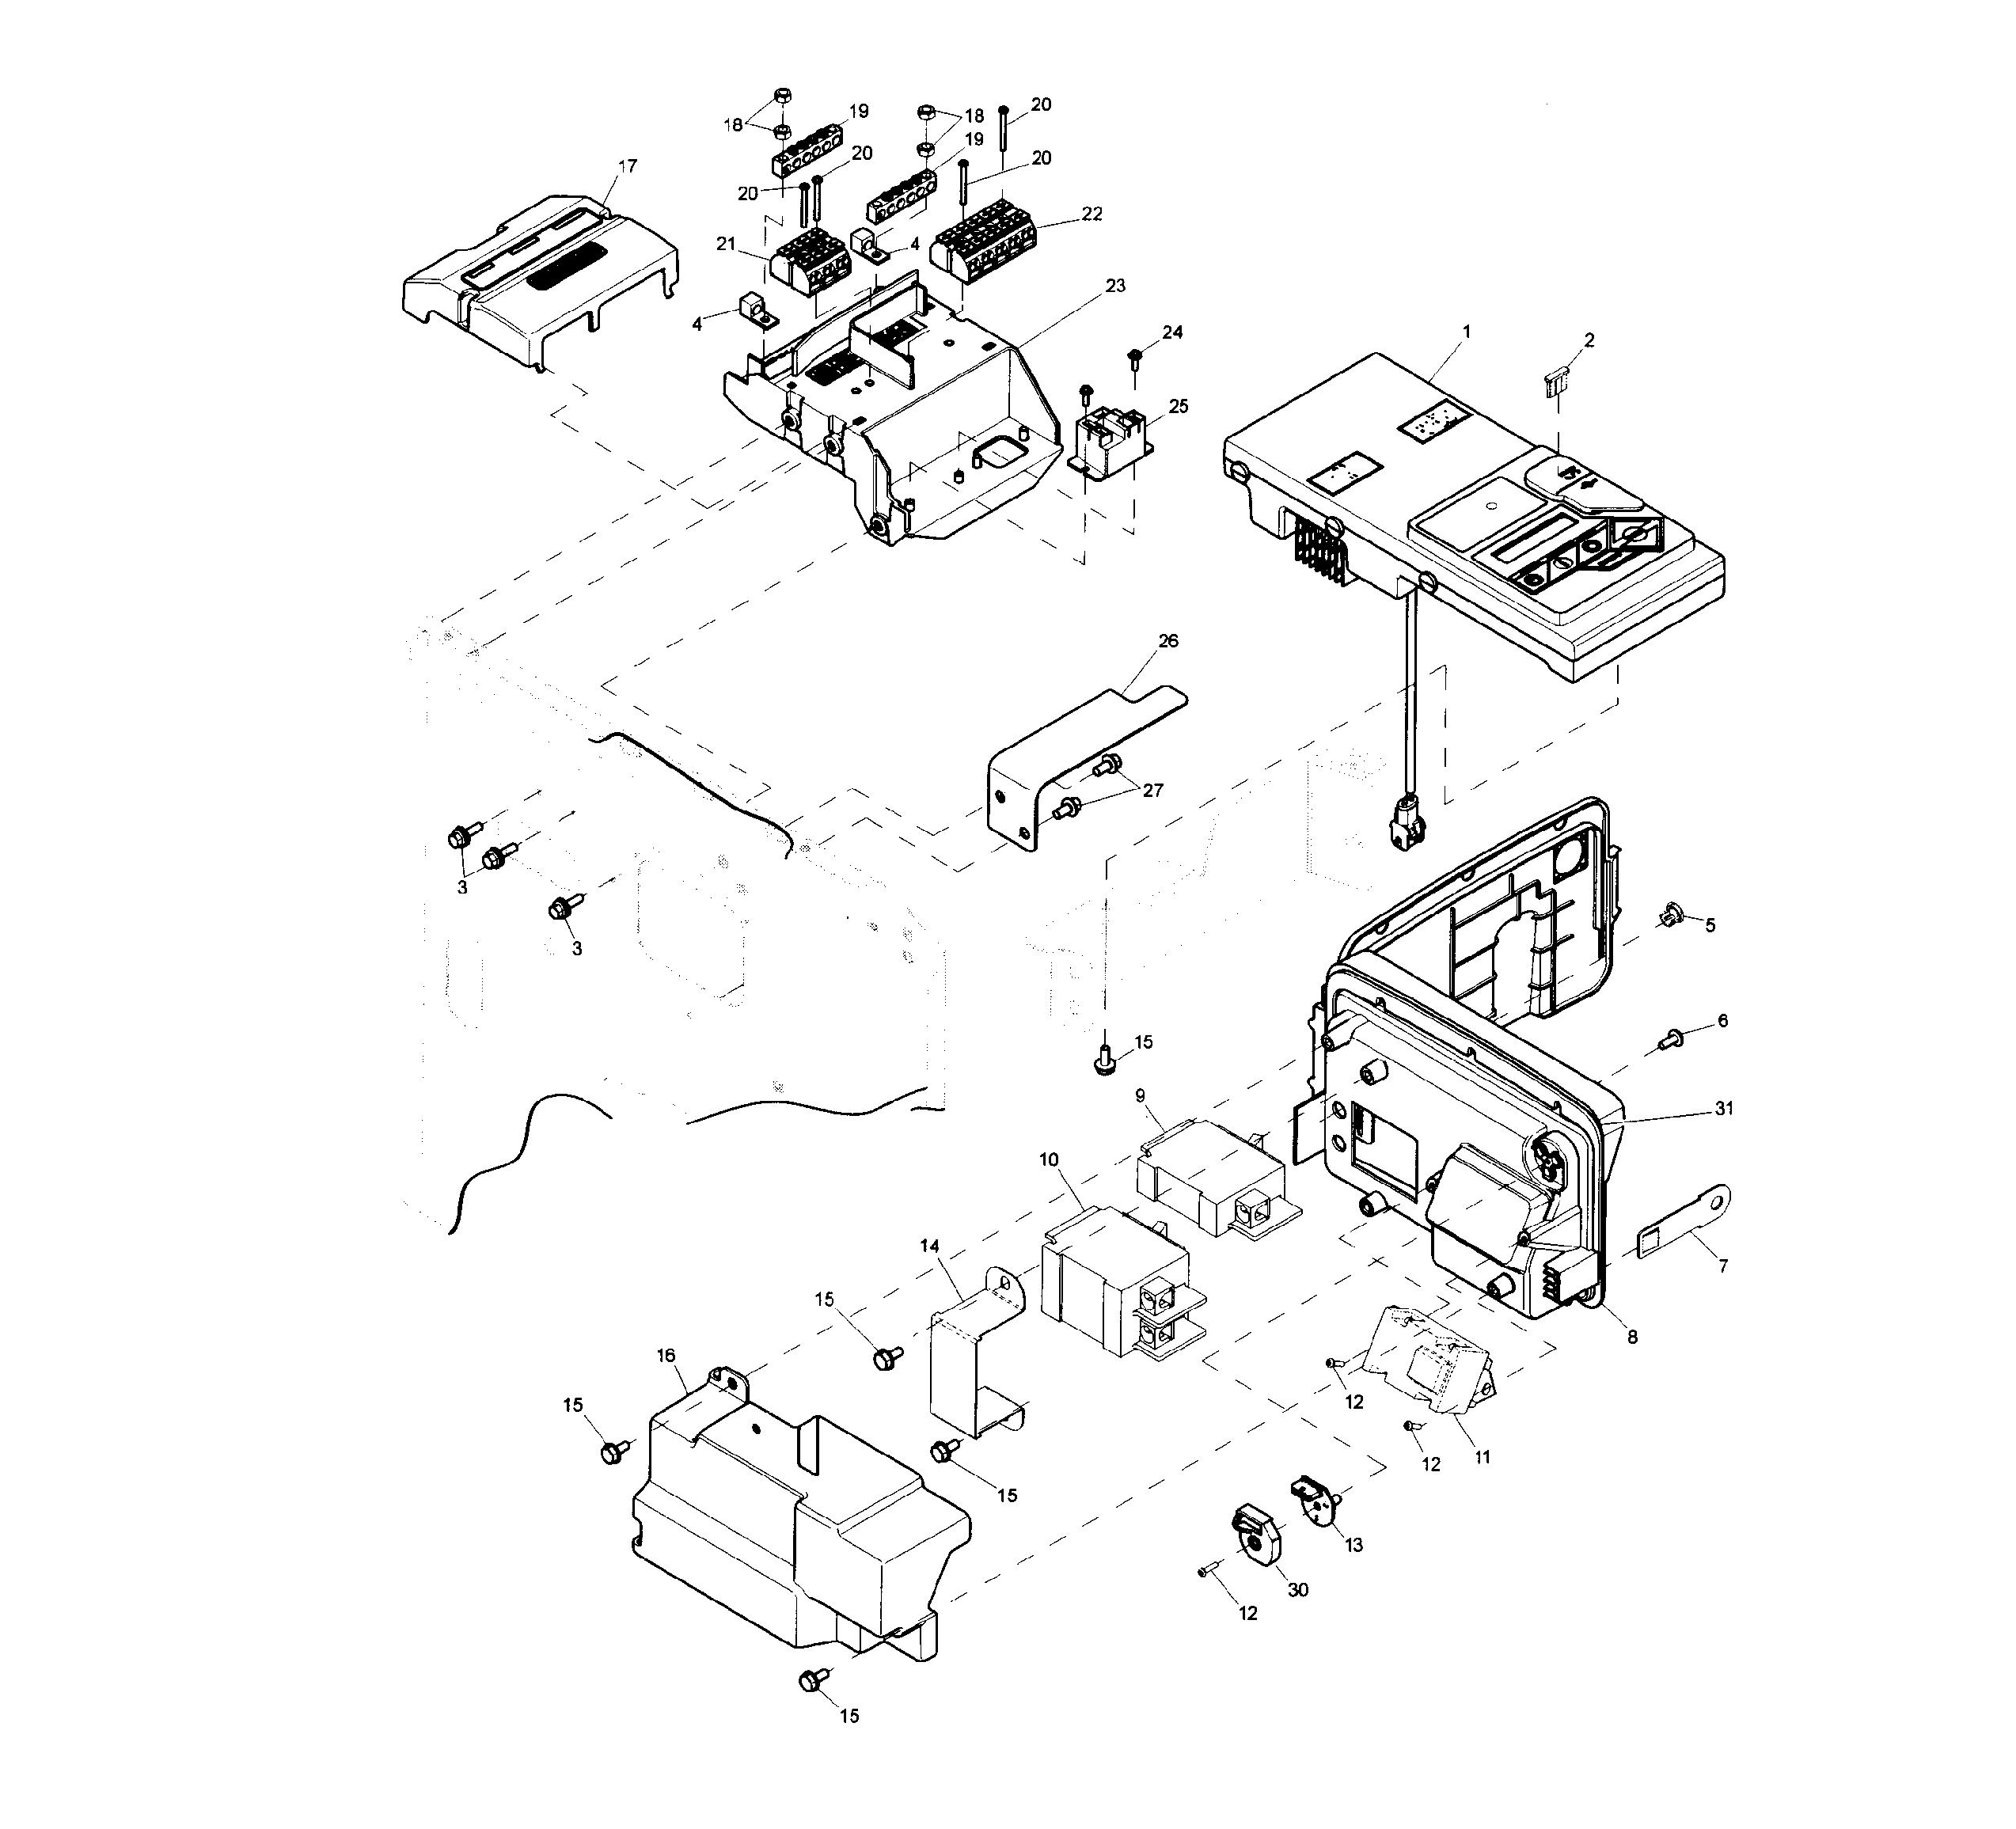 generac model 0057351 parts manual